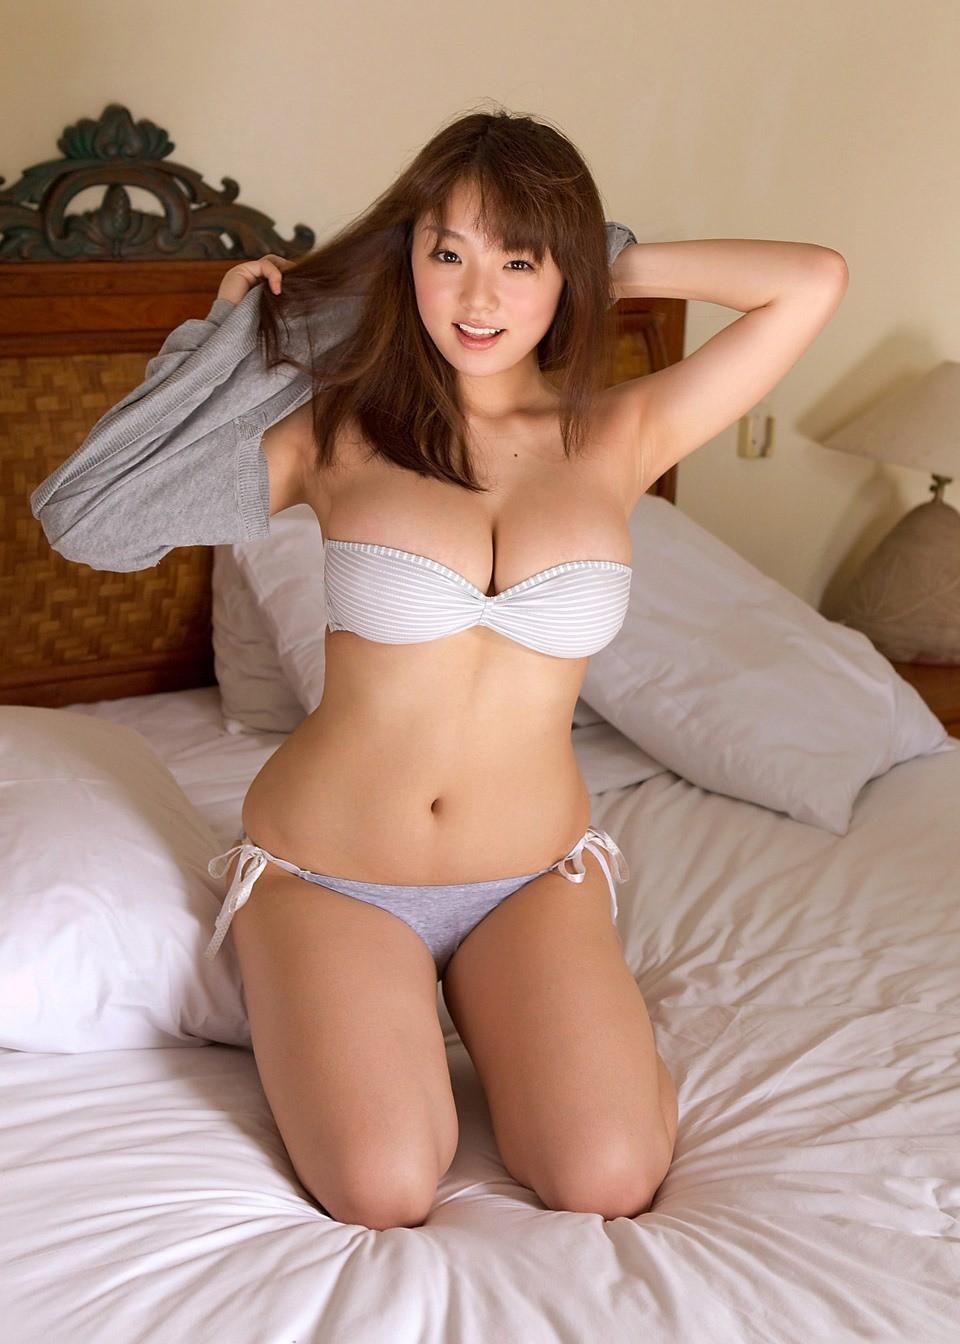 【着胸エロ画像】即引っ張りたい衝動を誘うwチューブトップ乳の静かな誘惑www 01